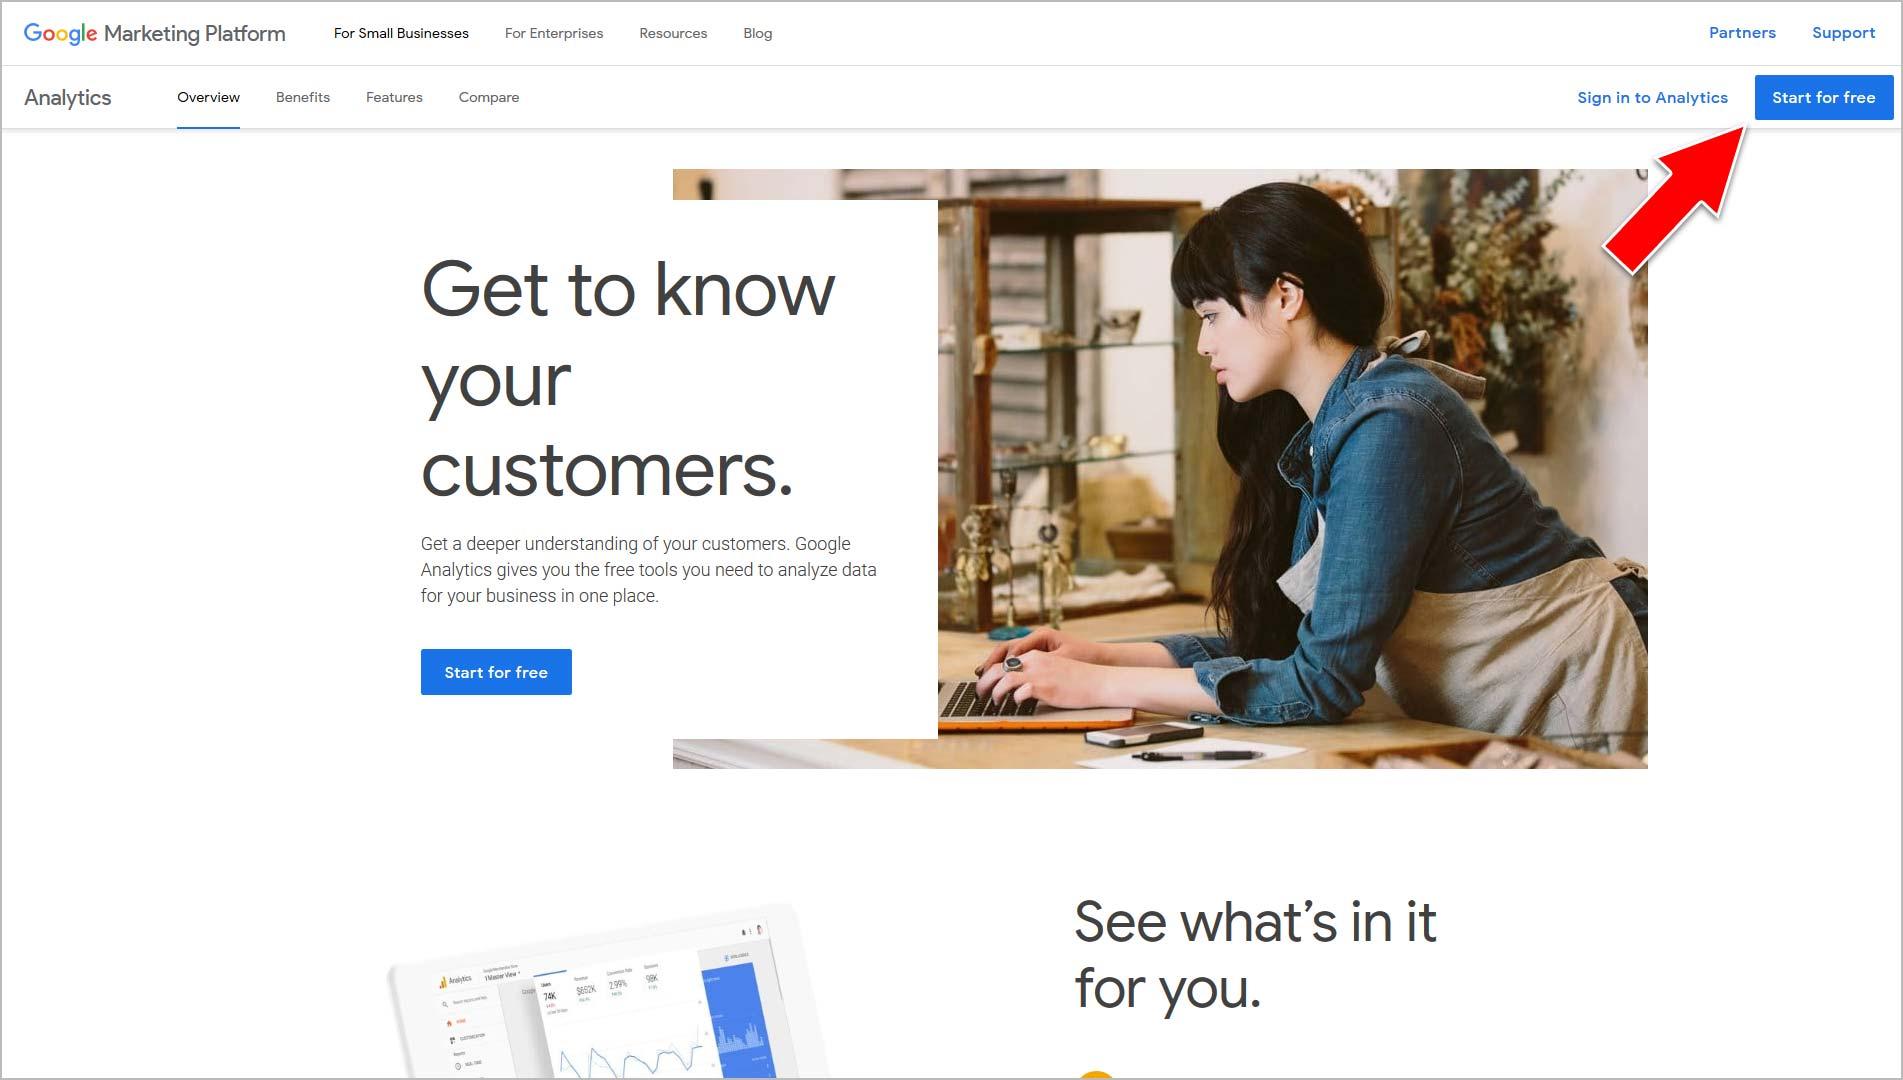 Go to Google.com/analytics